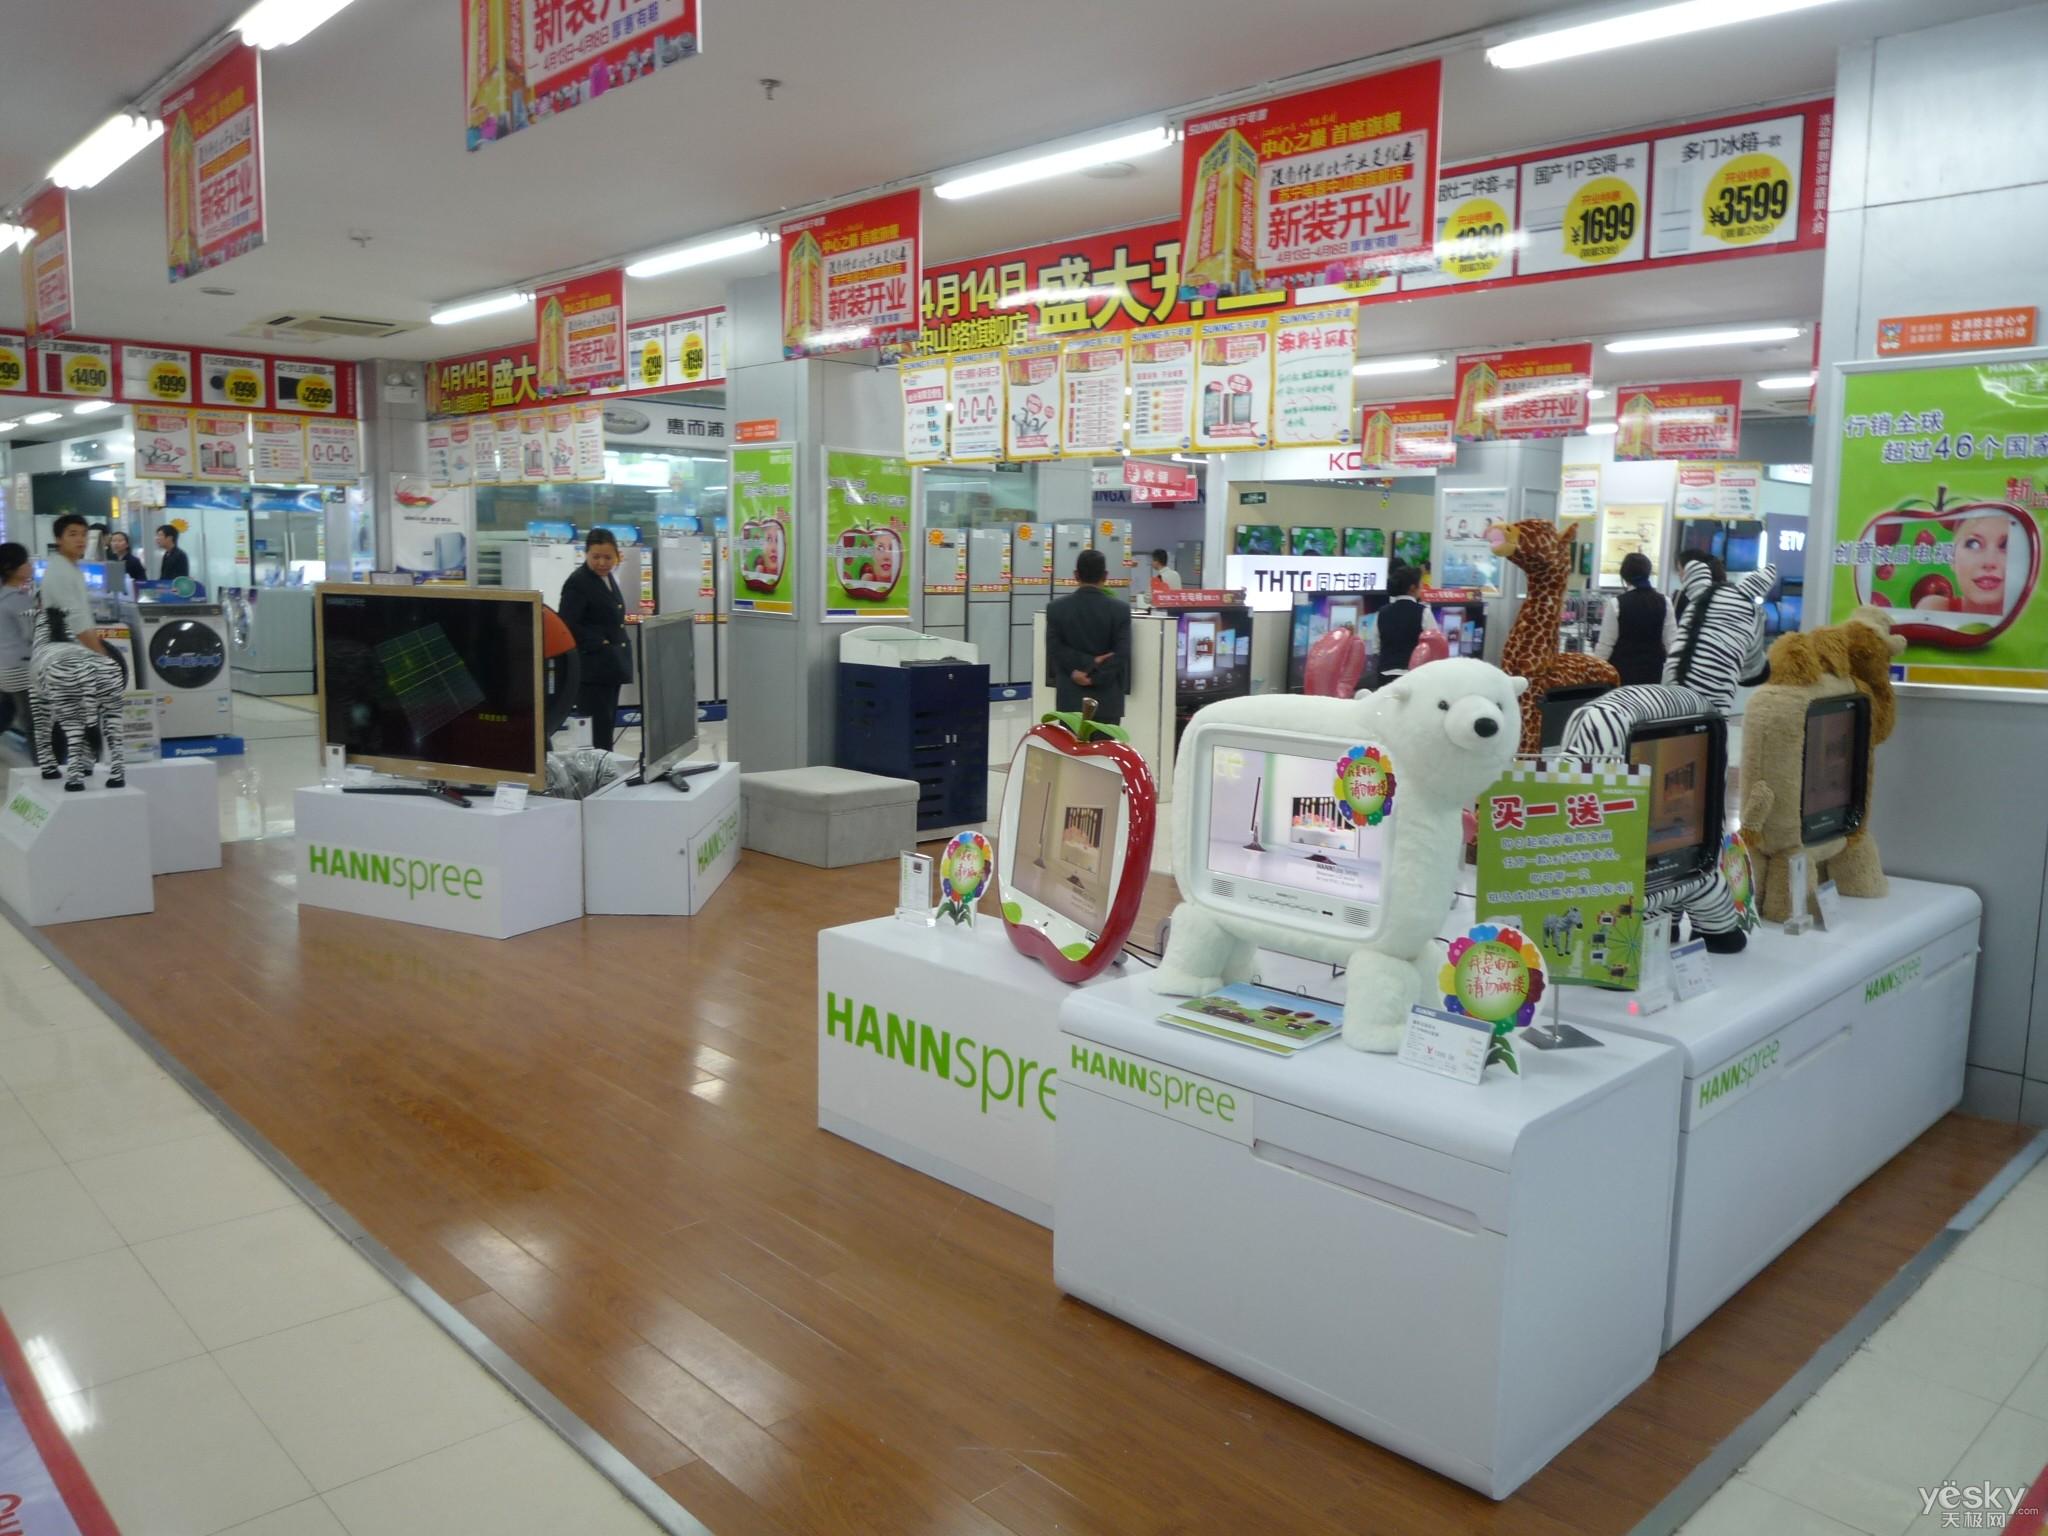 苏州人民商场家电_苏宁电器在苏州有哪些店,电话号码是多少_苏州这边有哪几家苏宁 ...